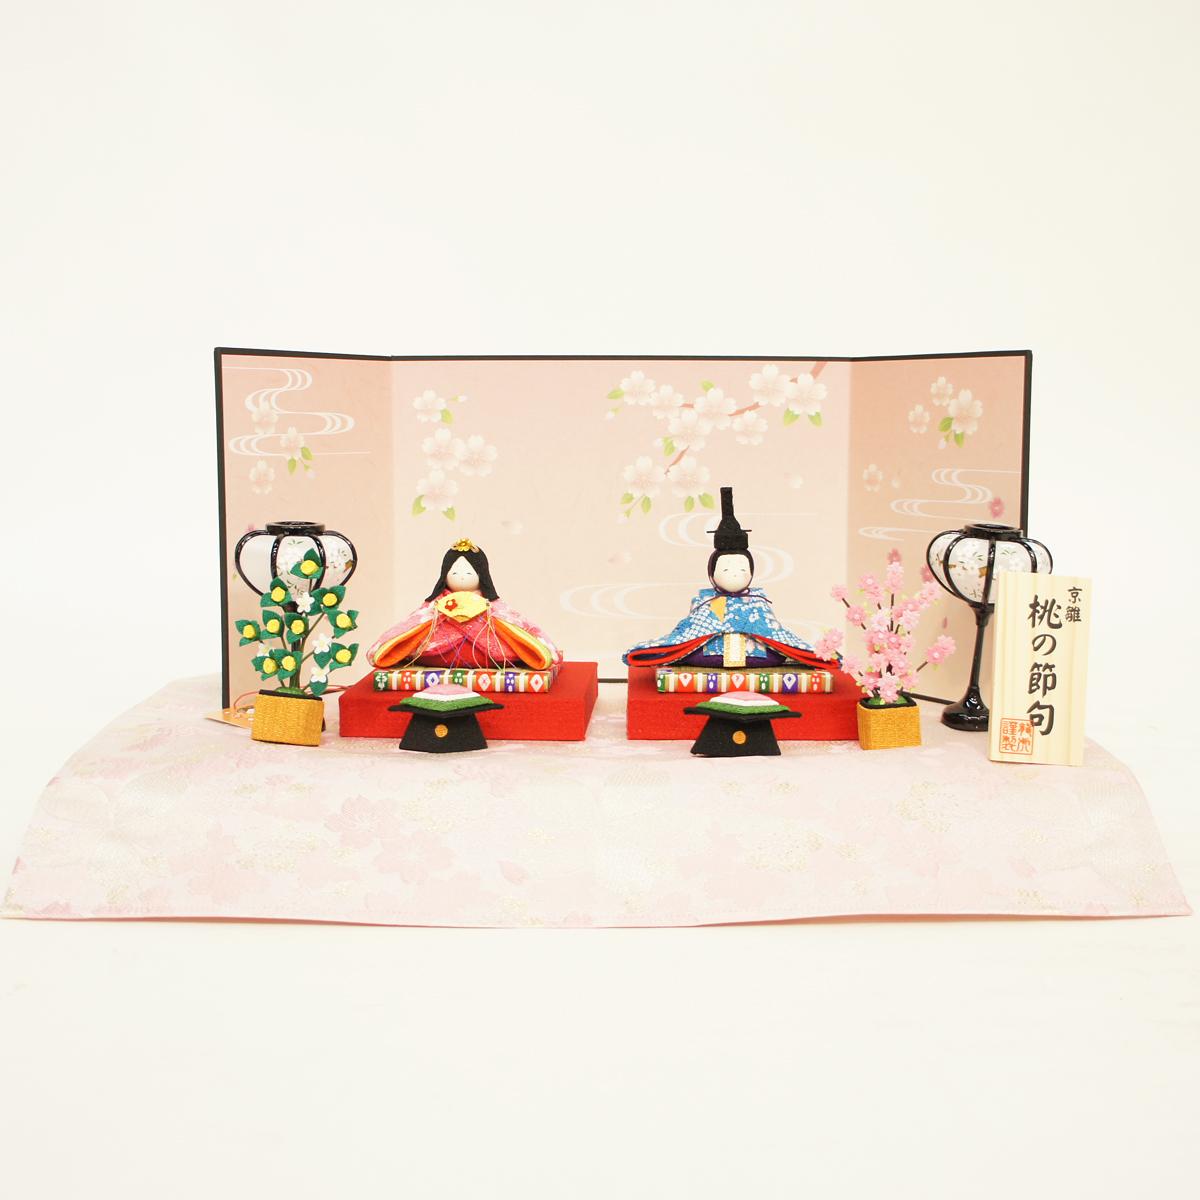 雛人形 リュウコドウ コンパクト ちりめん雛 ほほえみ 桜雛 雛人形 HNRK-1-734ひな人形 かわいい おしゃれ インテリア 雛 ひな人形 小さい ミニ [P10]